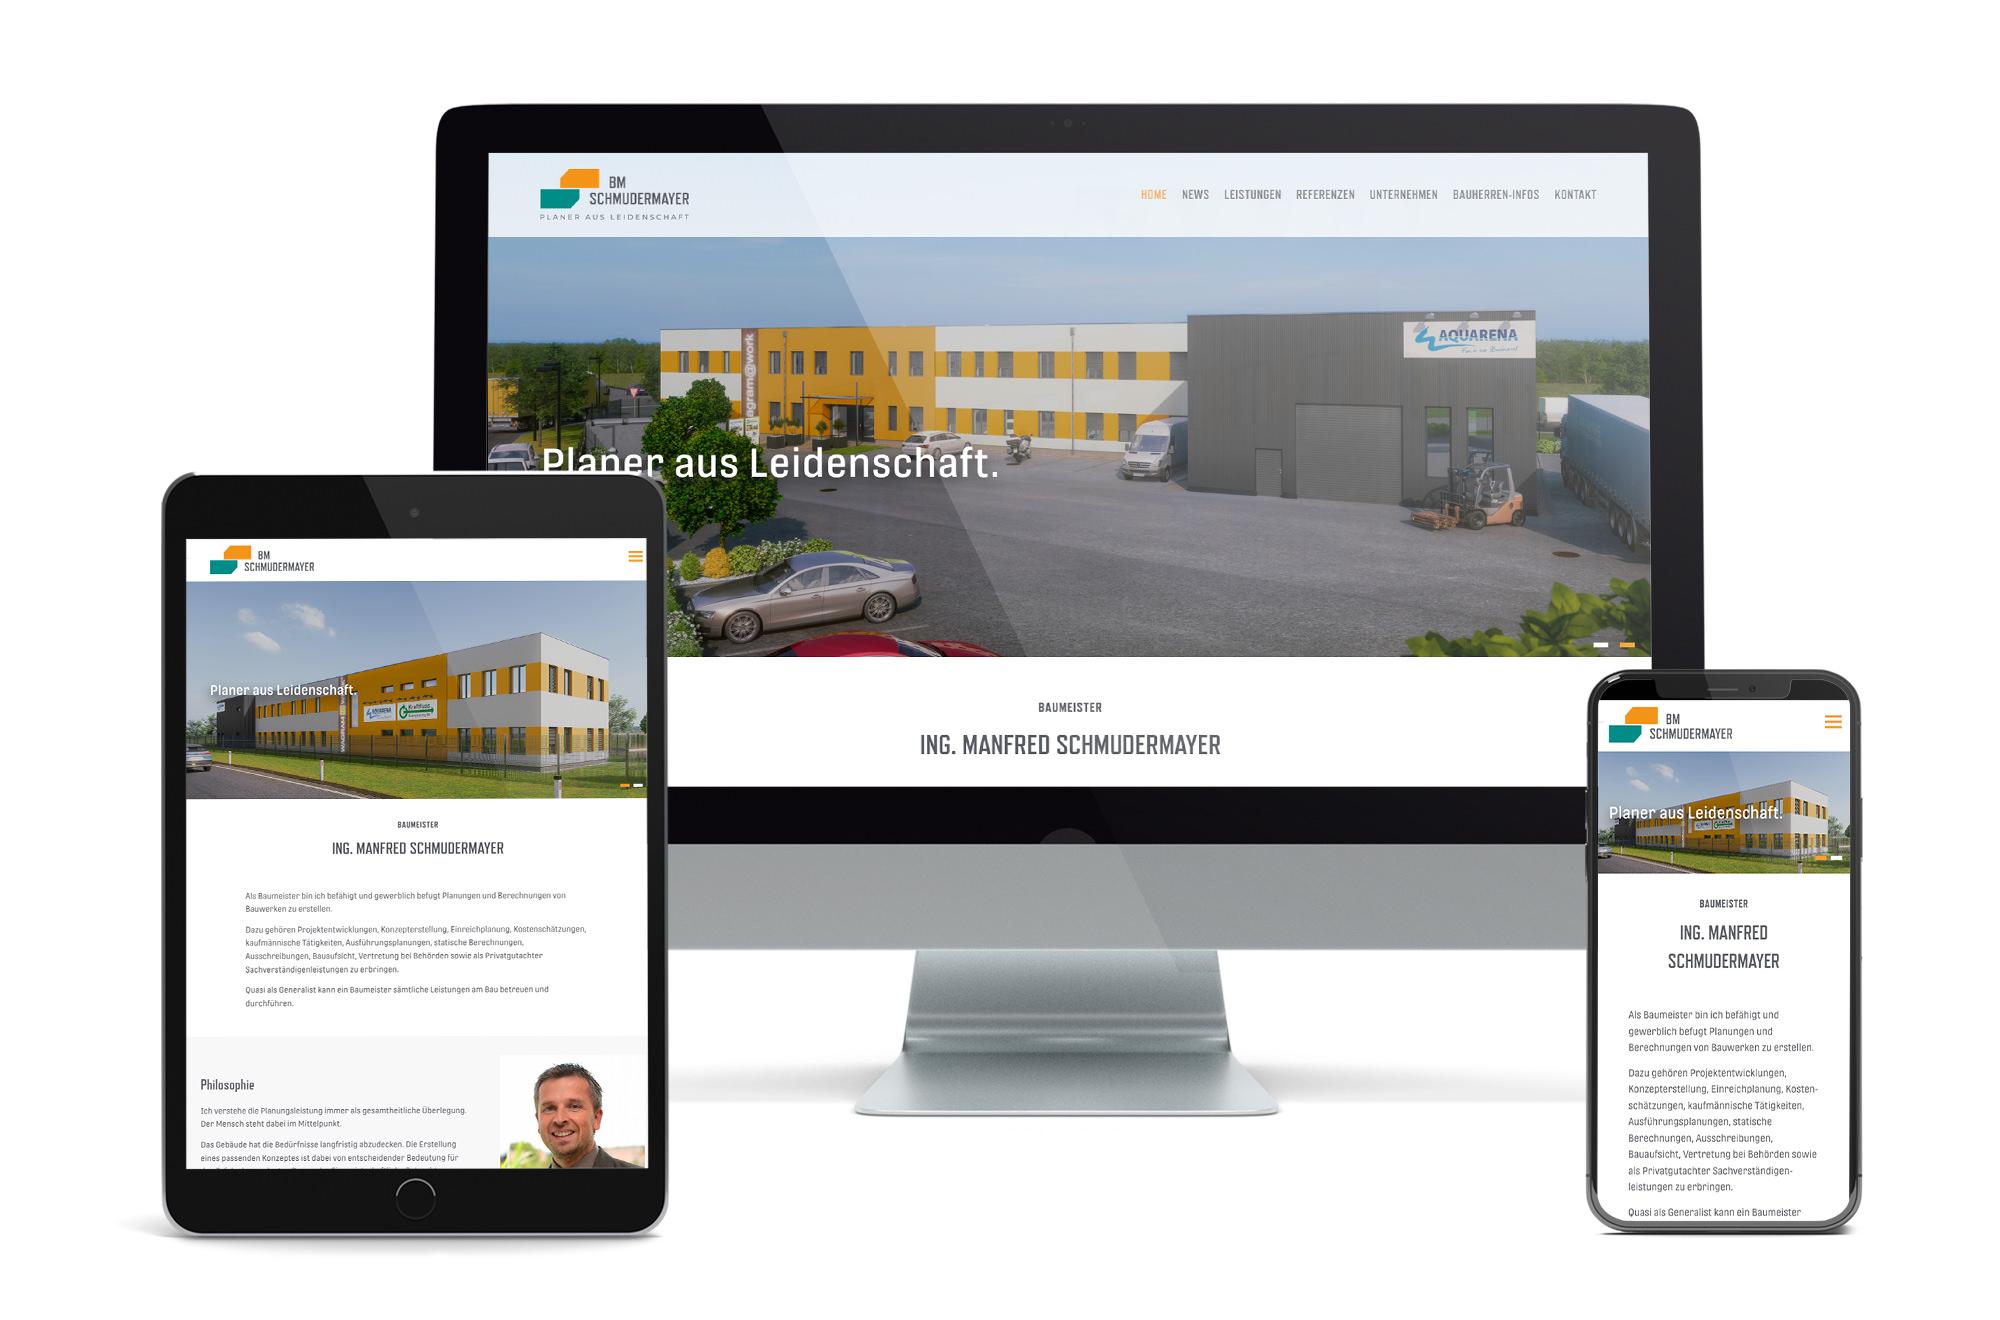 Webdesign Beispiel: Neue Website für Baufirma - Baumeister